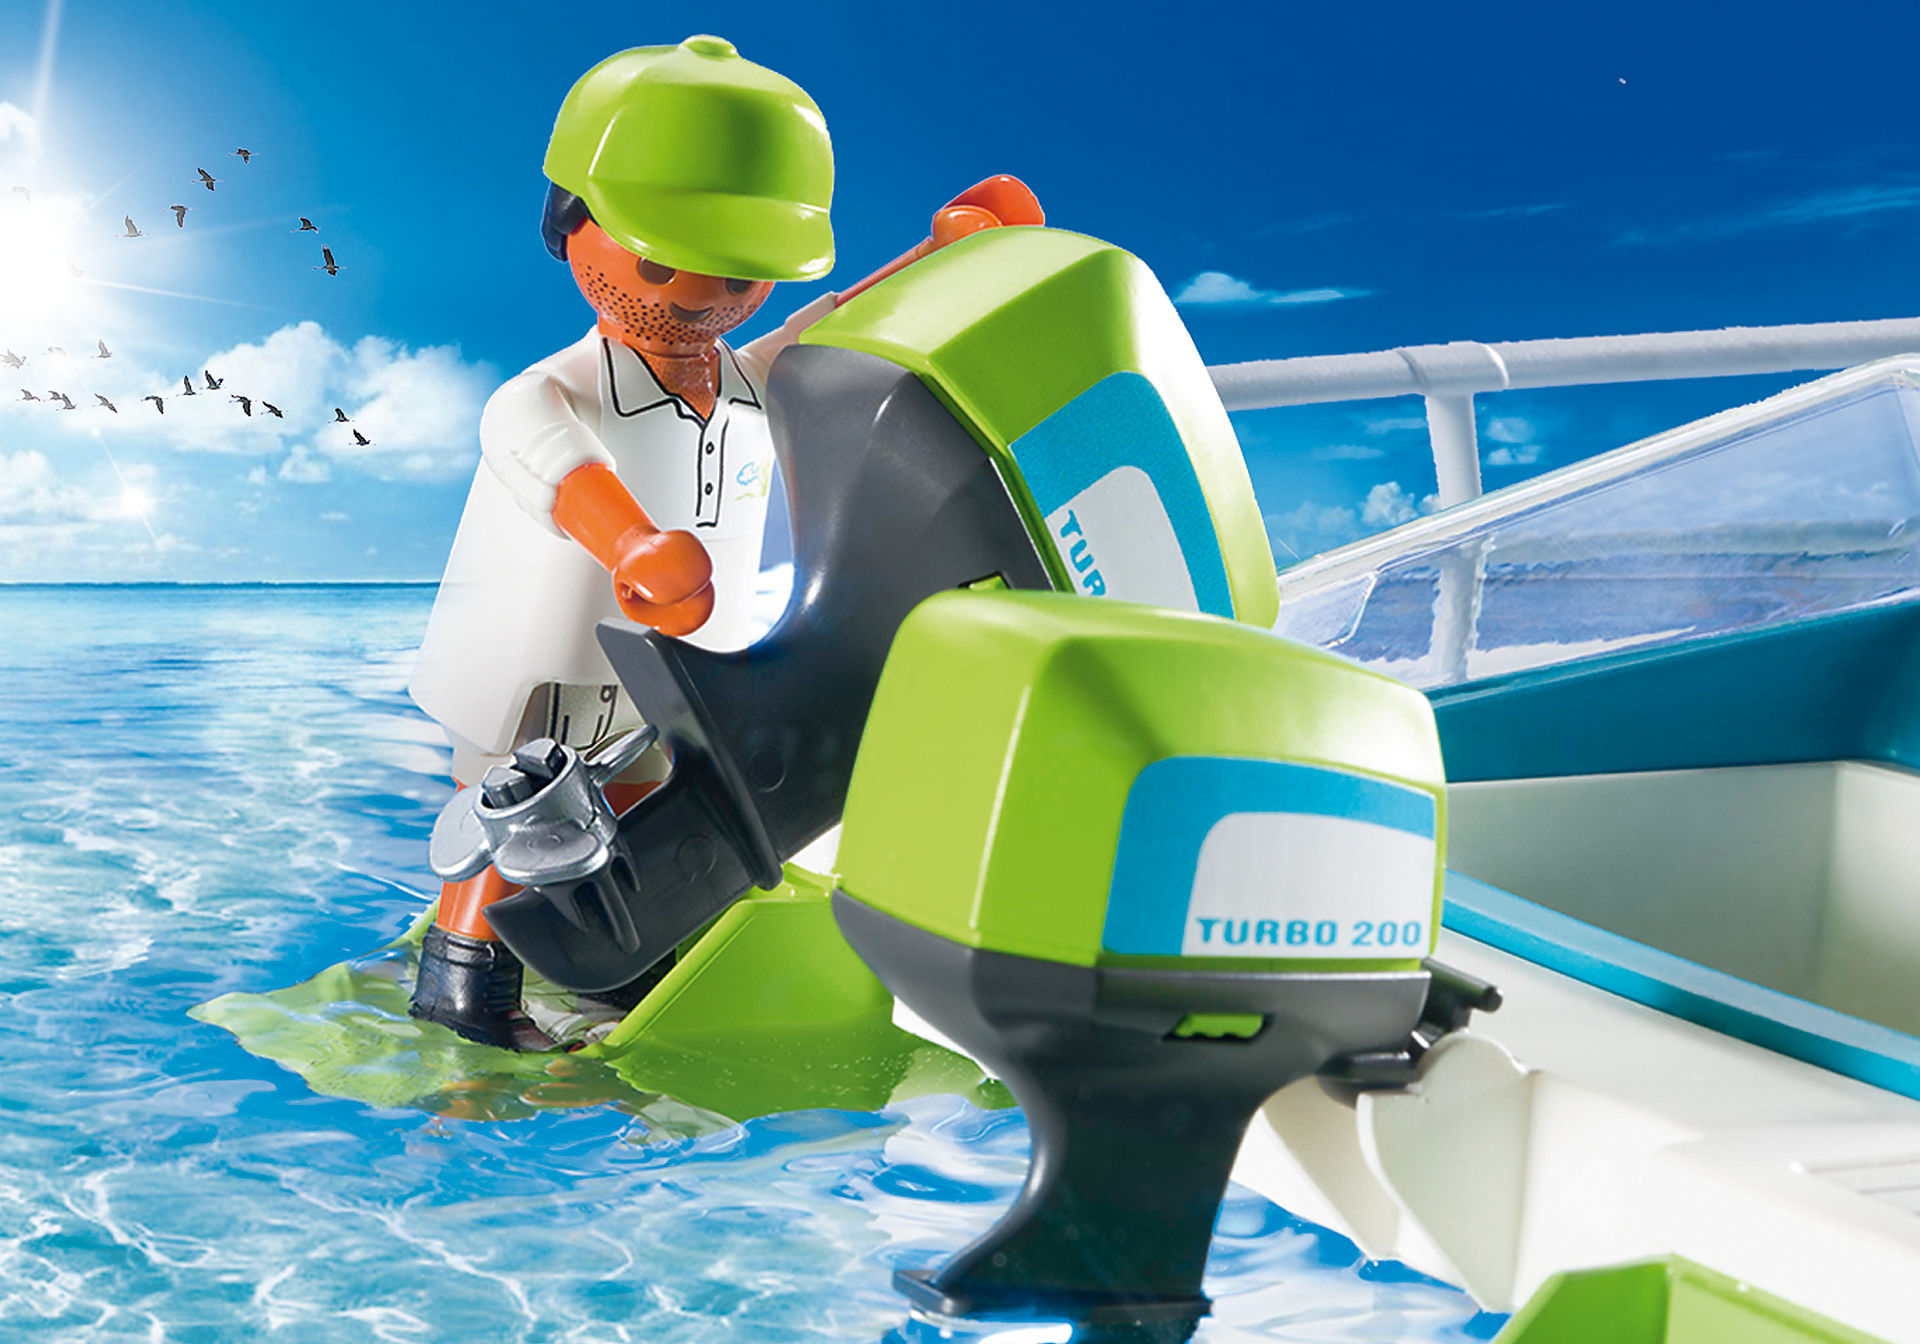 http://media.playmobil.com/i/playmobil/9233_product_extra1/BARCO COM VISAO SUBMARINA E MOTOR